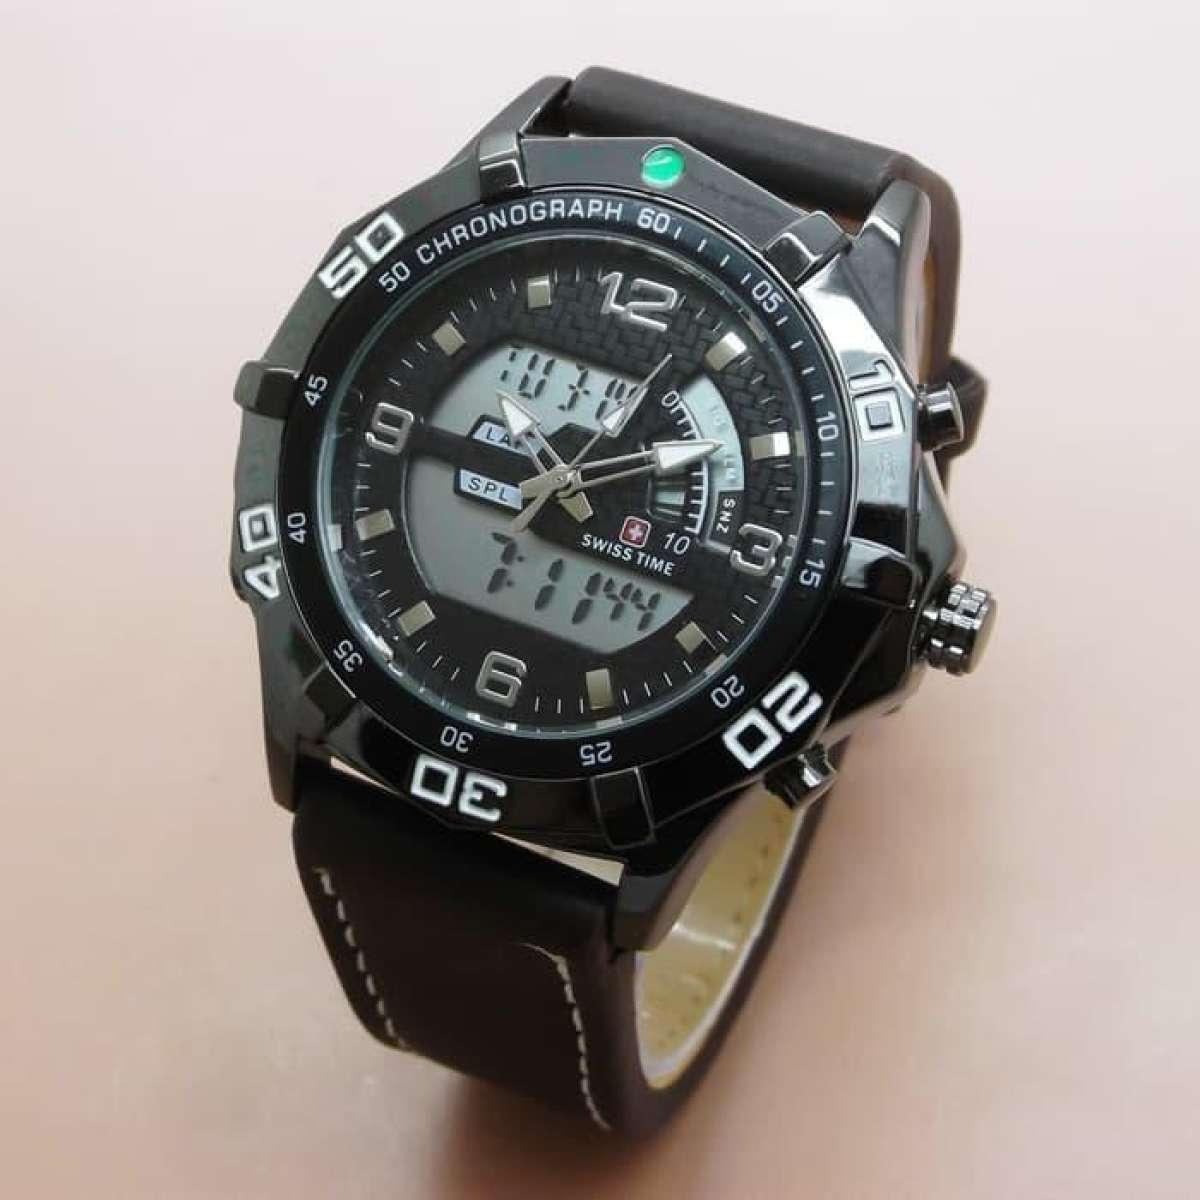 Swiss Time Jam Tangan Dual Pria Leather Strap Sa 666 Ad Brown Couple Army Daydate Rom Rantai Black Rose Jual